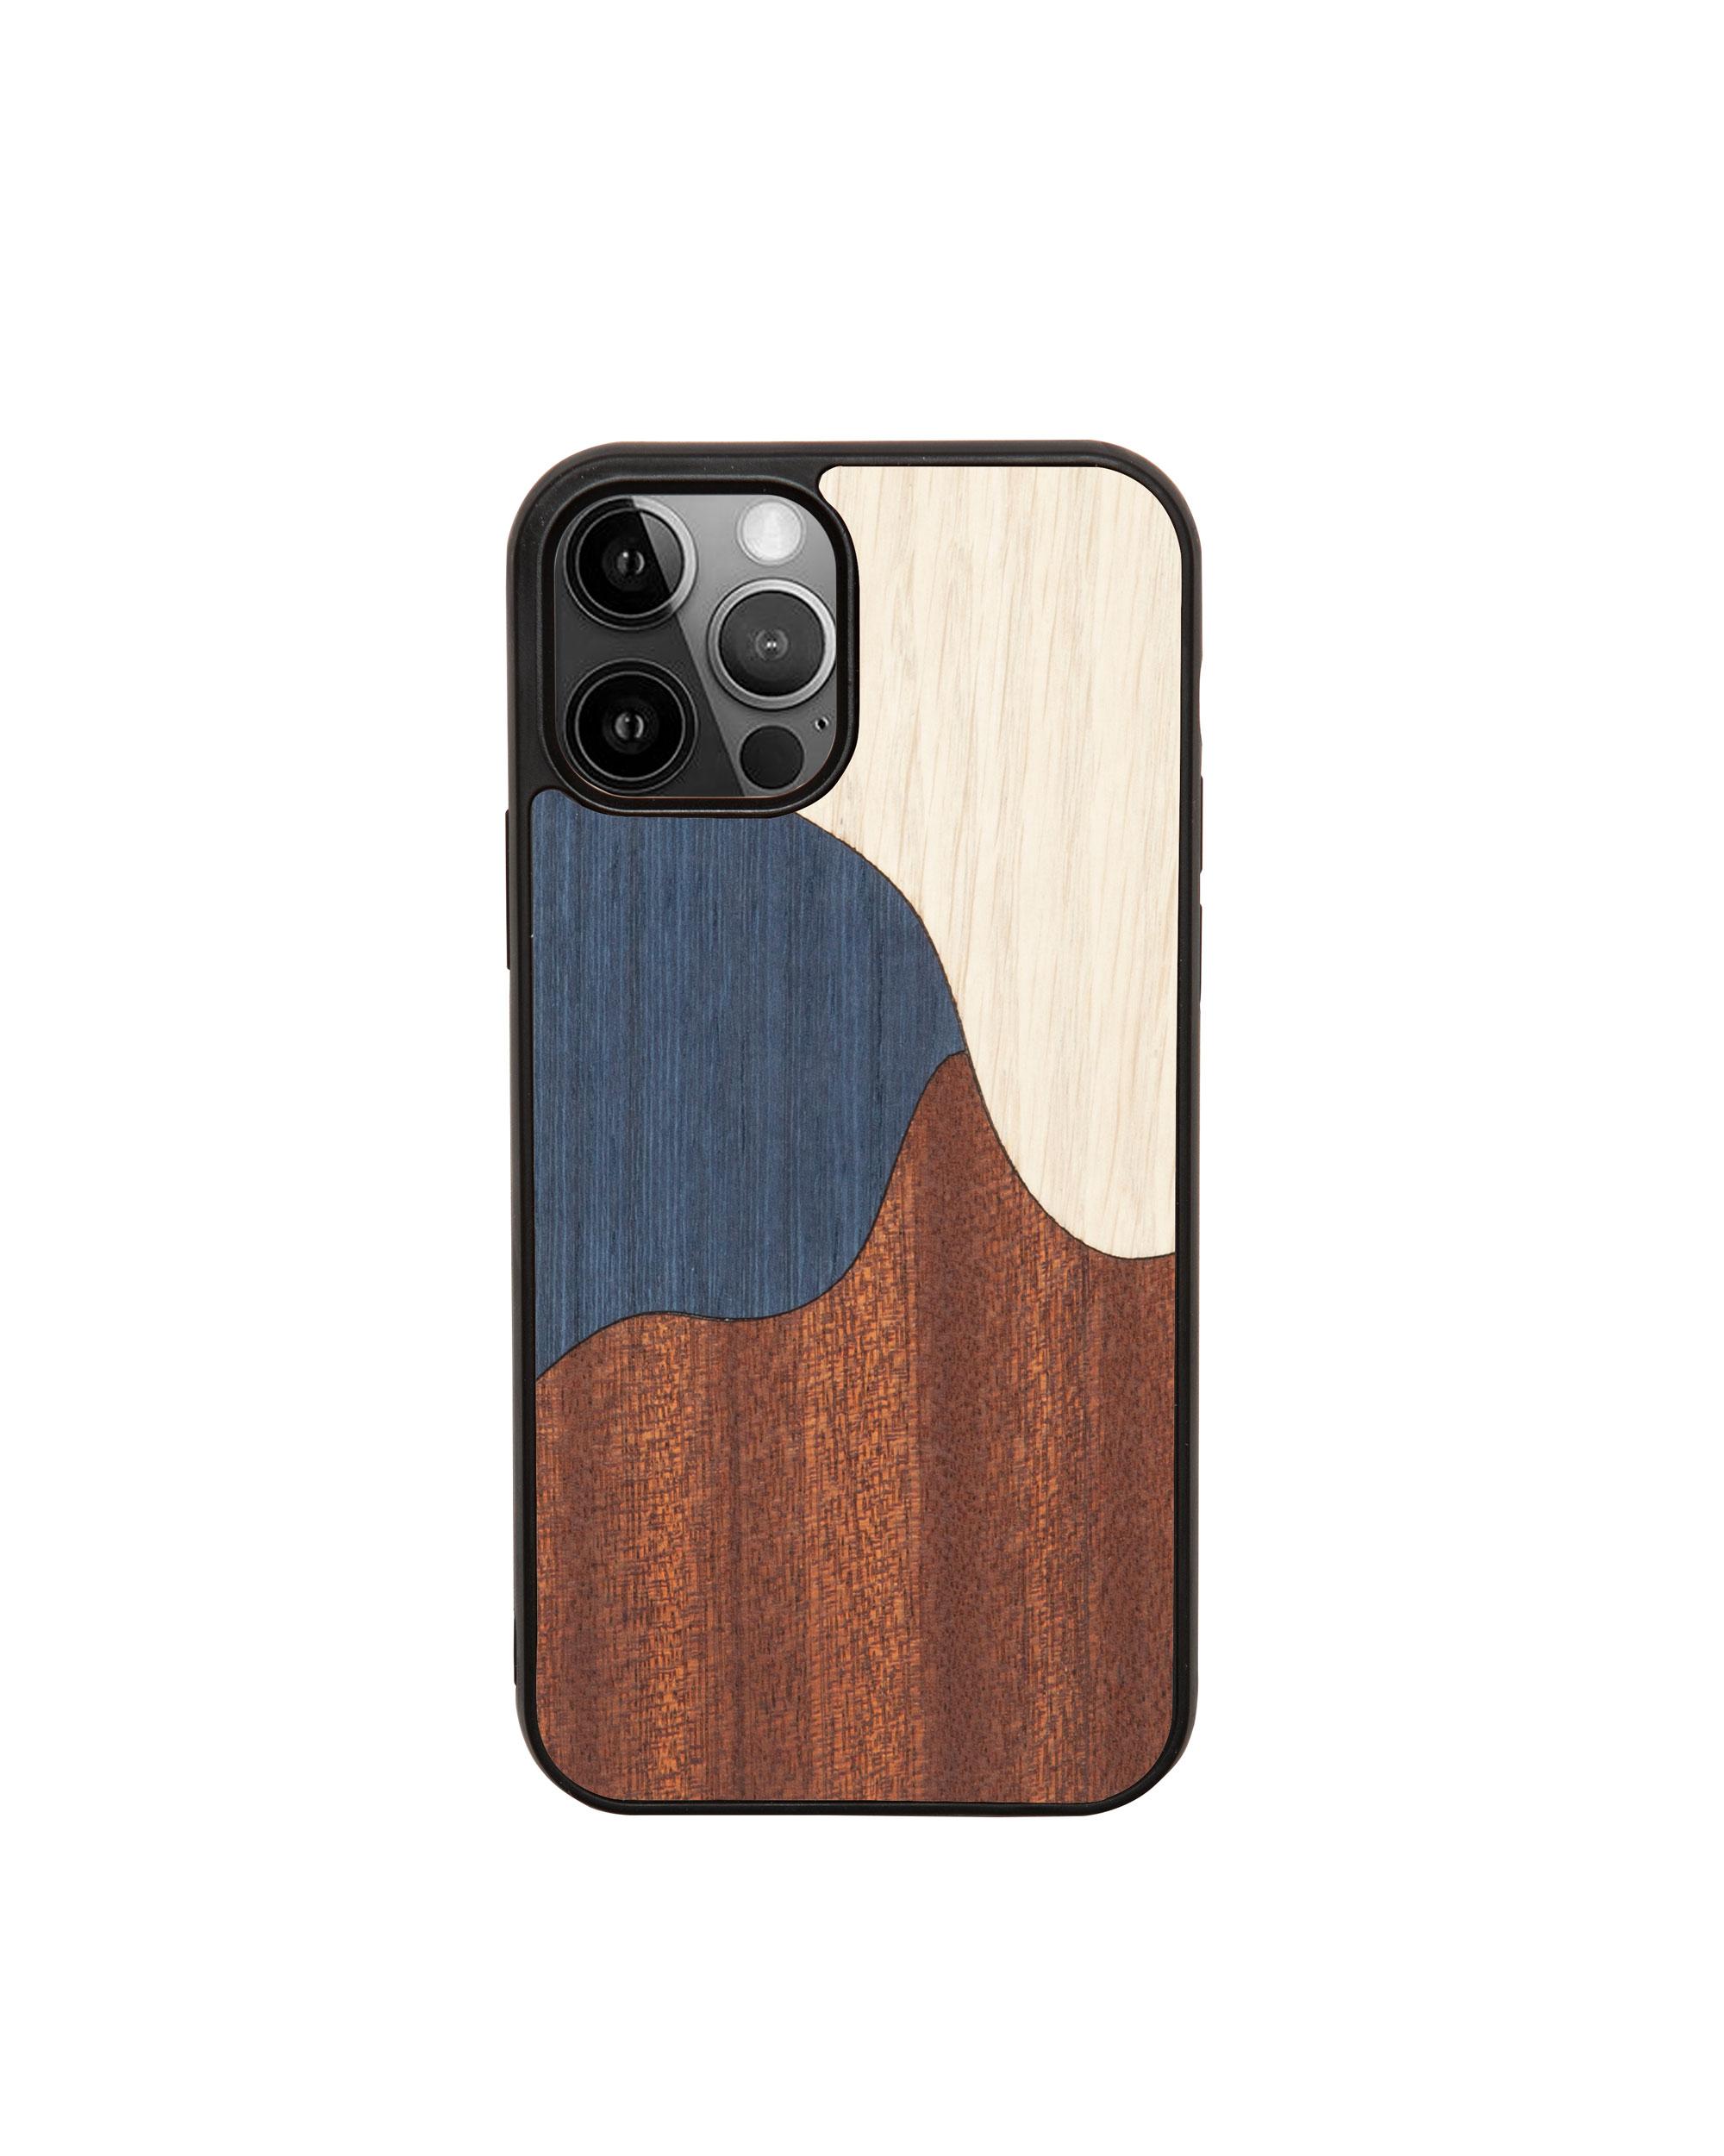 INLAY BLUE - Coque en bois pour iPhone11 pro